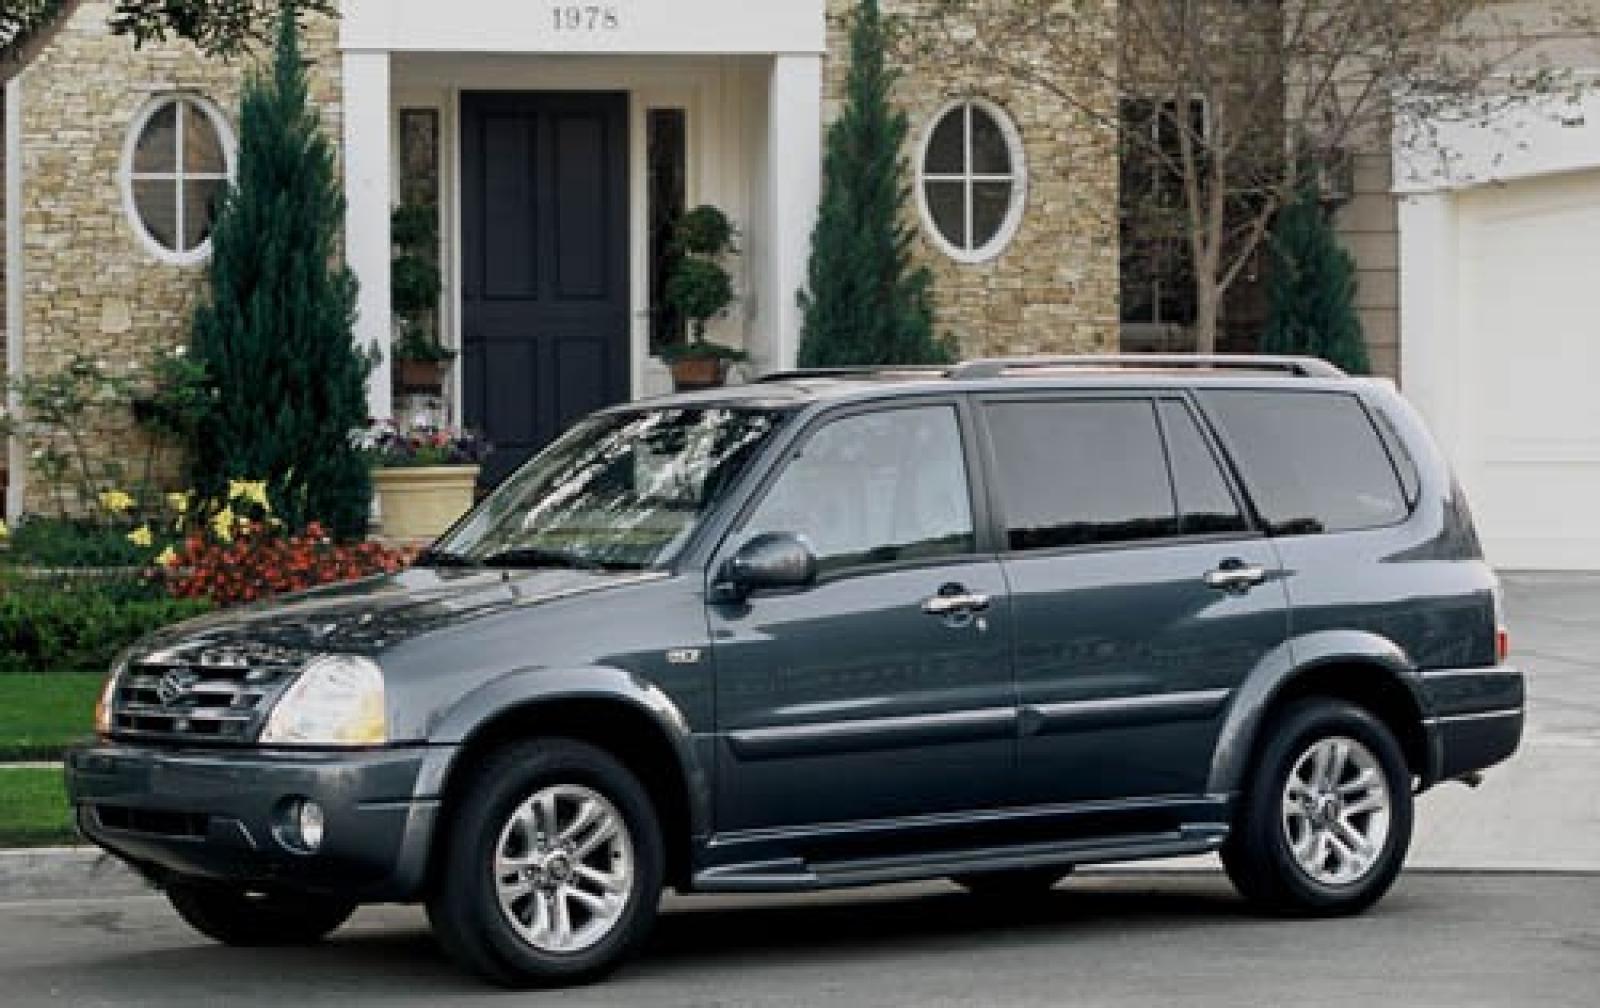 2004 suzuki xl 7 reviews - 800 1024 1280 1600 Origin 2006 Suzuki Xl 7